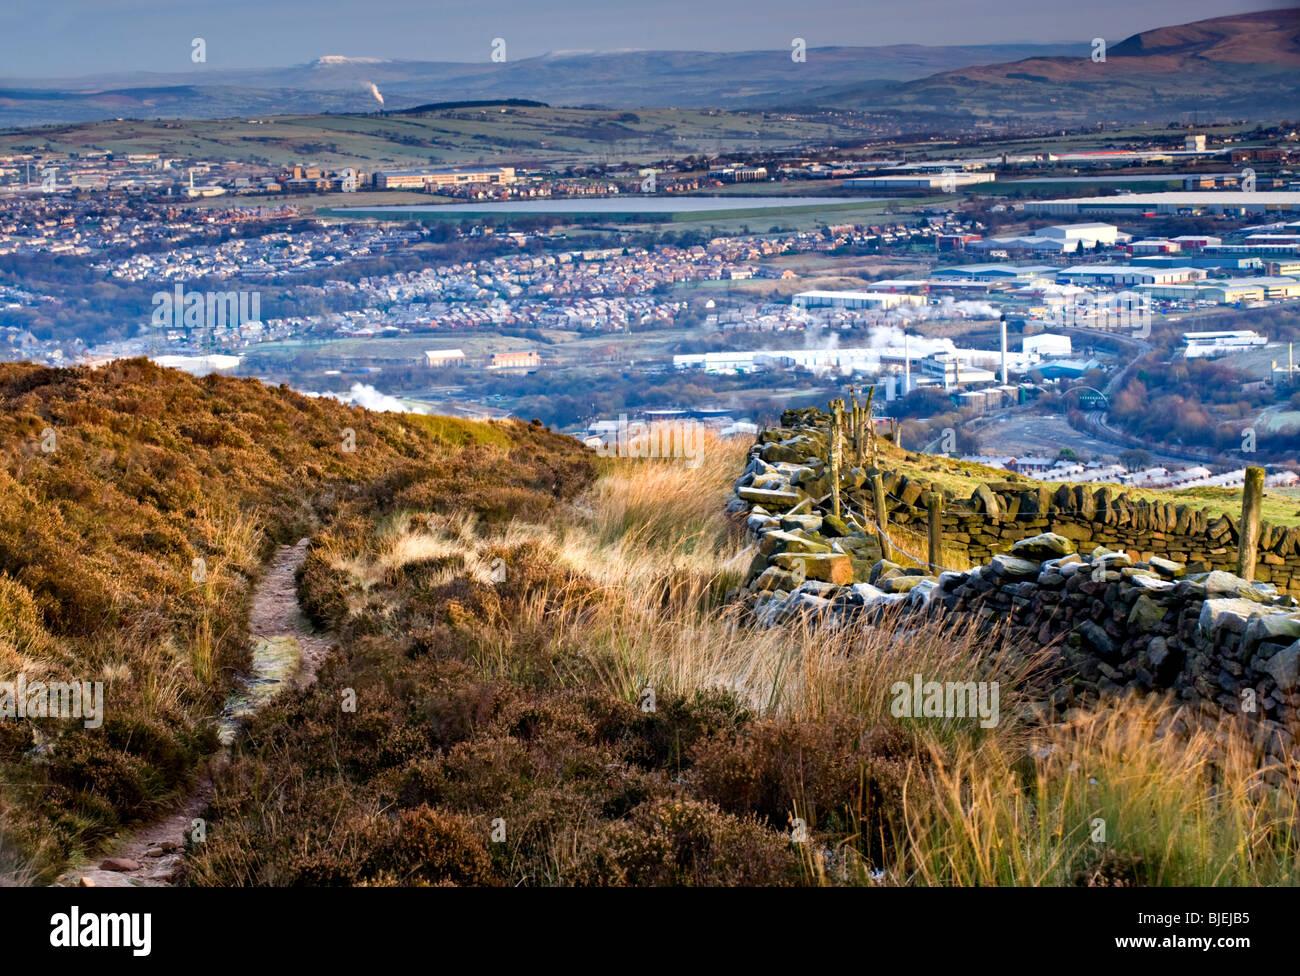 The Town of Darwen, Viewed from Jubilee Hill, Darwen, Lancashire, England, UK - Stock Image